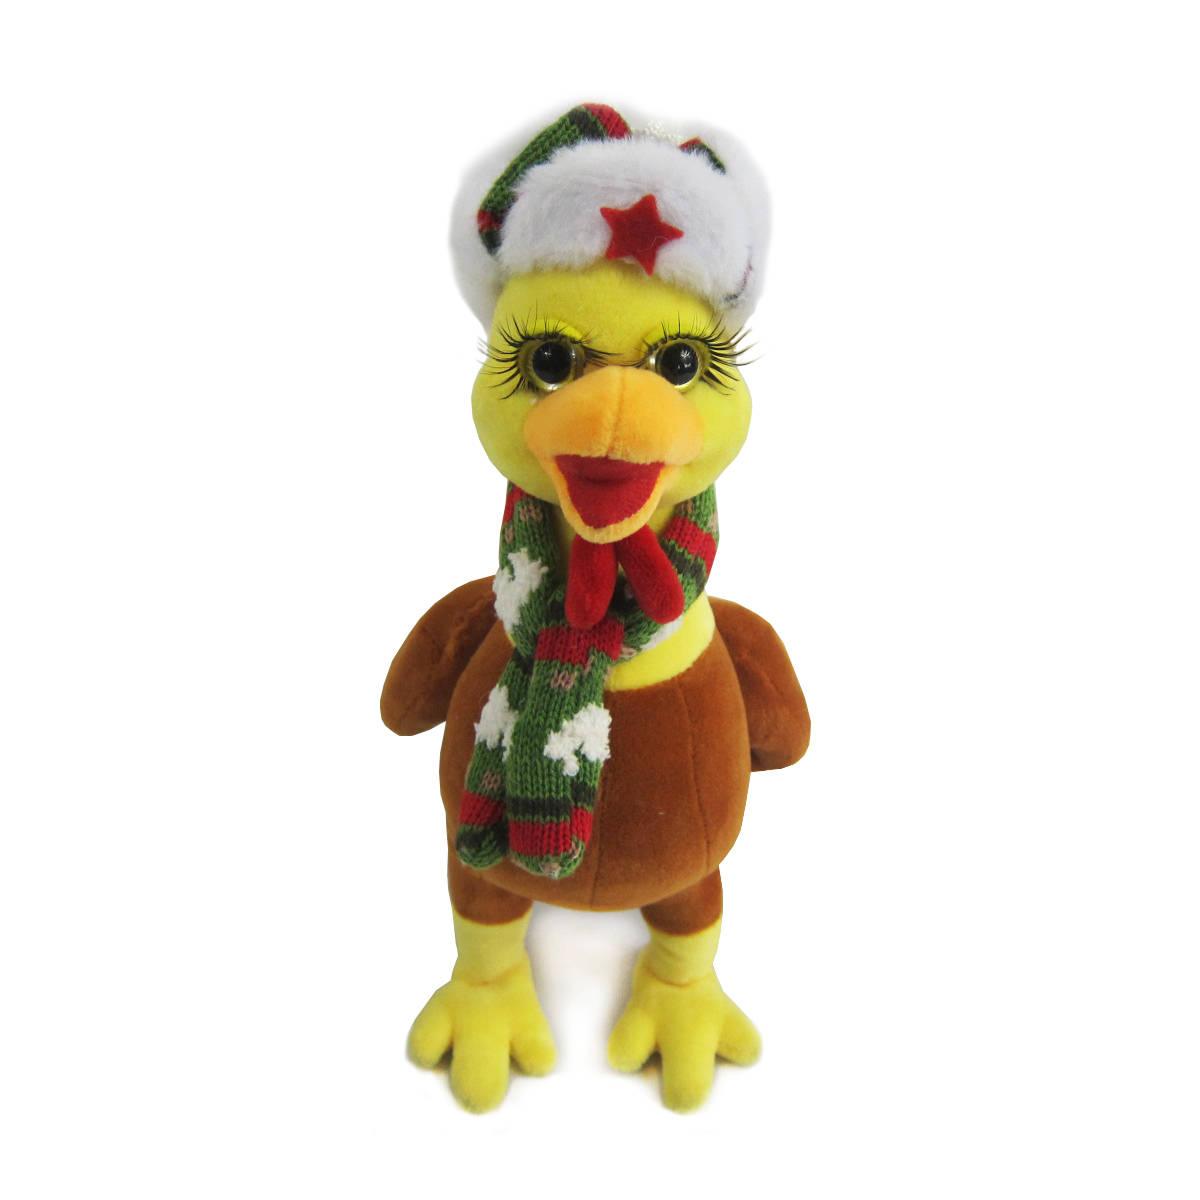 Мягкая игрушка - Петушок в шапке и шарфе, 25 см.Животные<br>Мягкая игрушка - Петушок в шапке и шарфе, 25 см.<br>